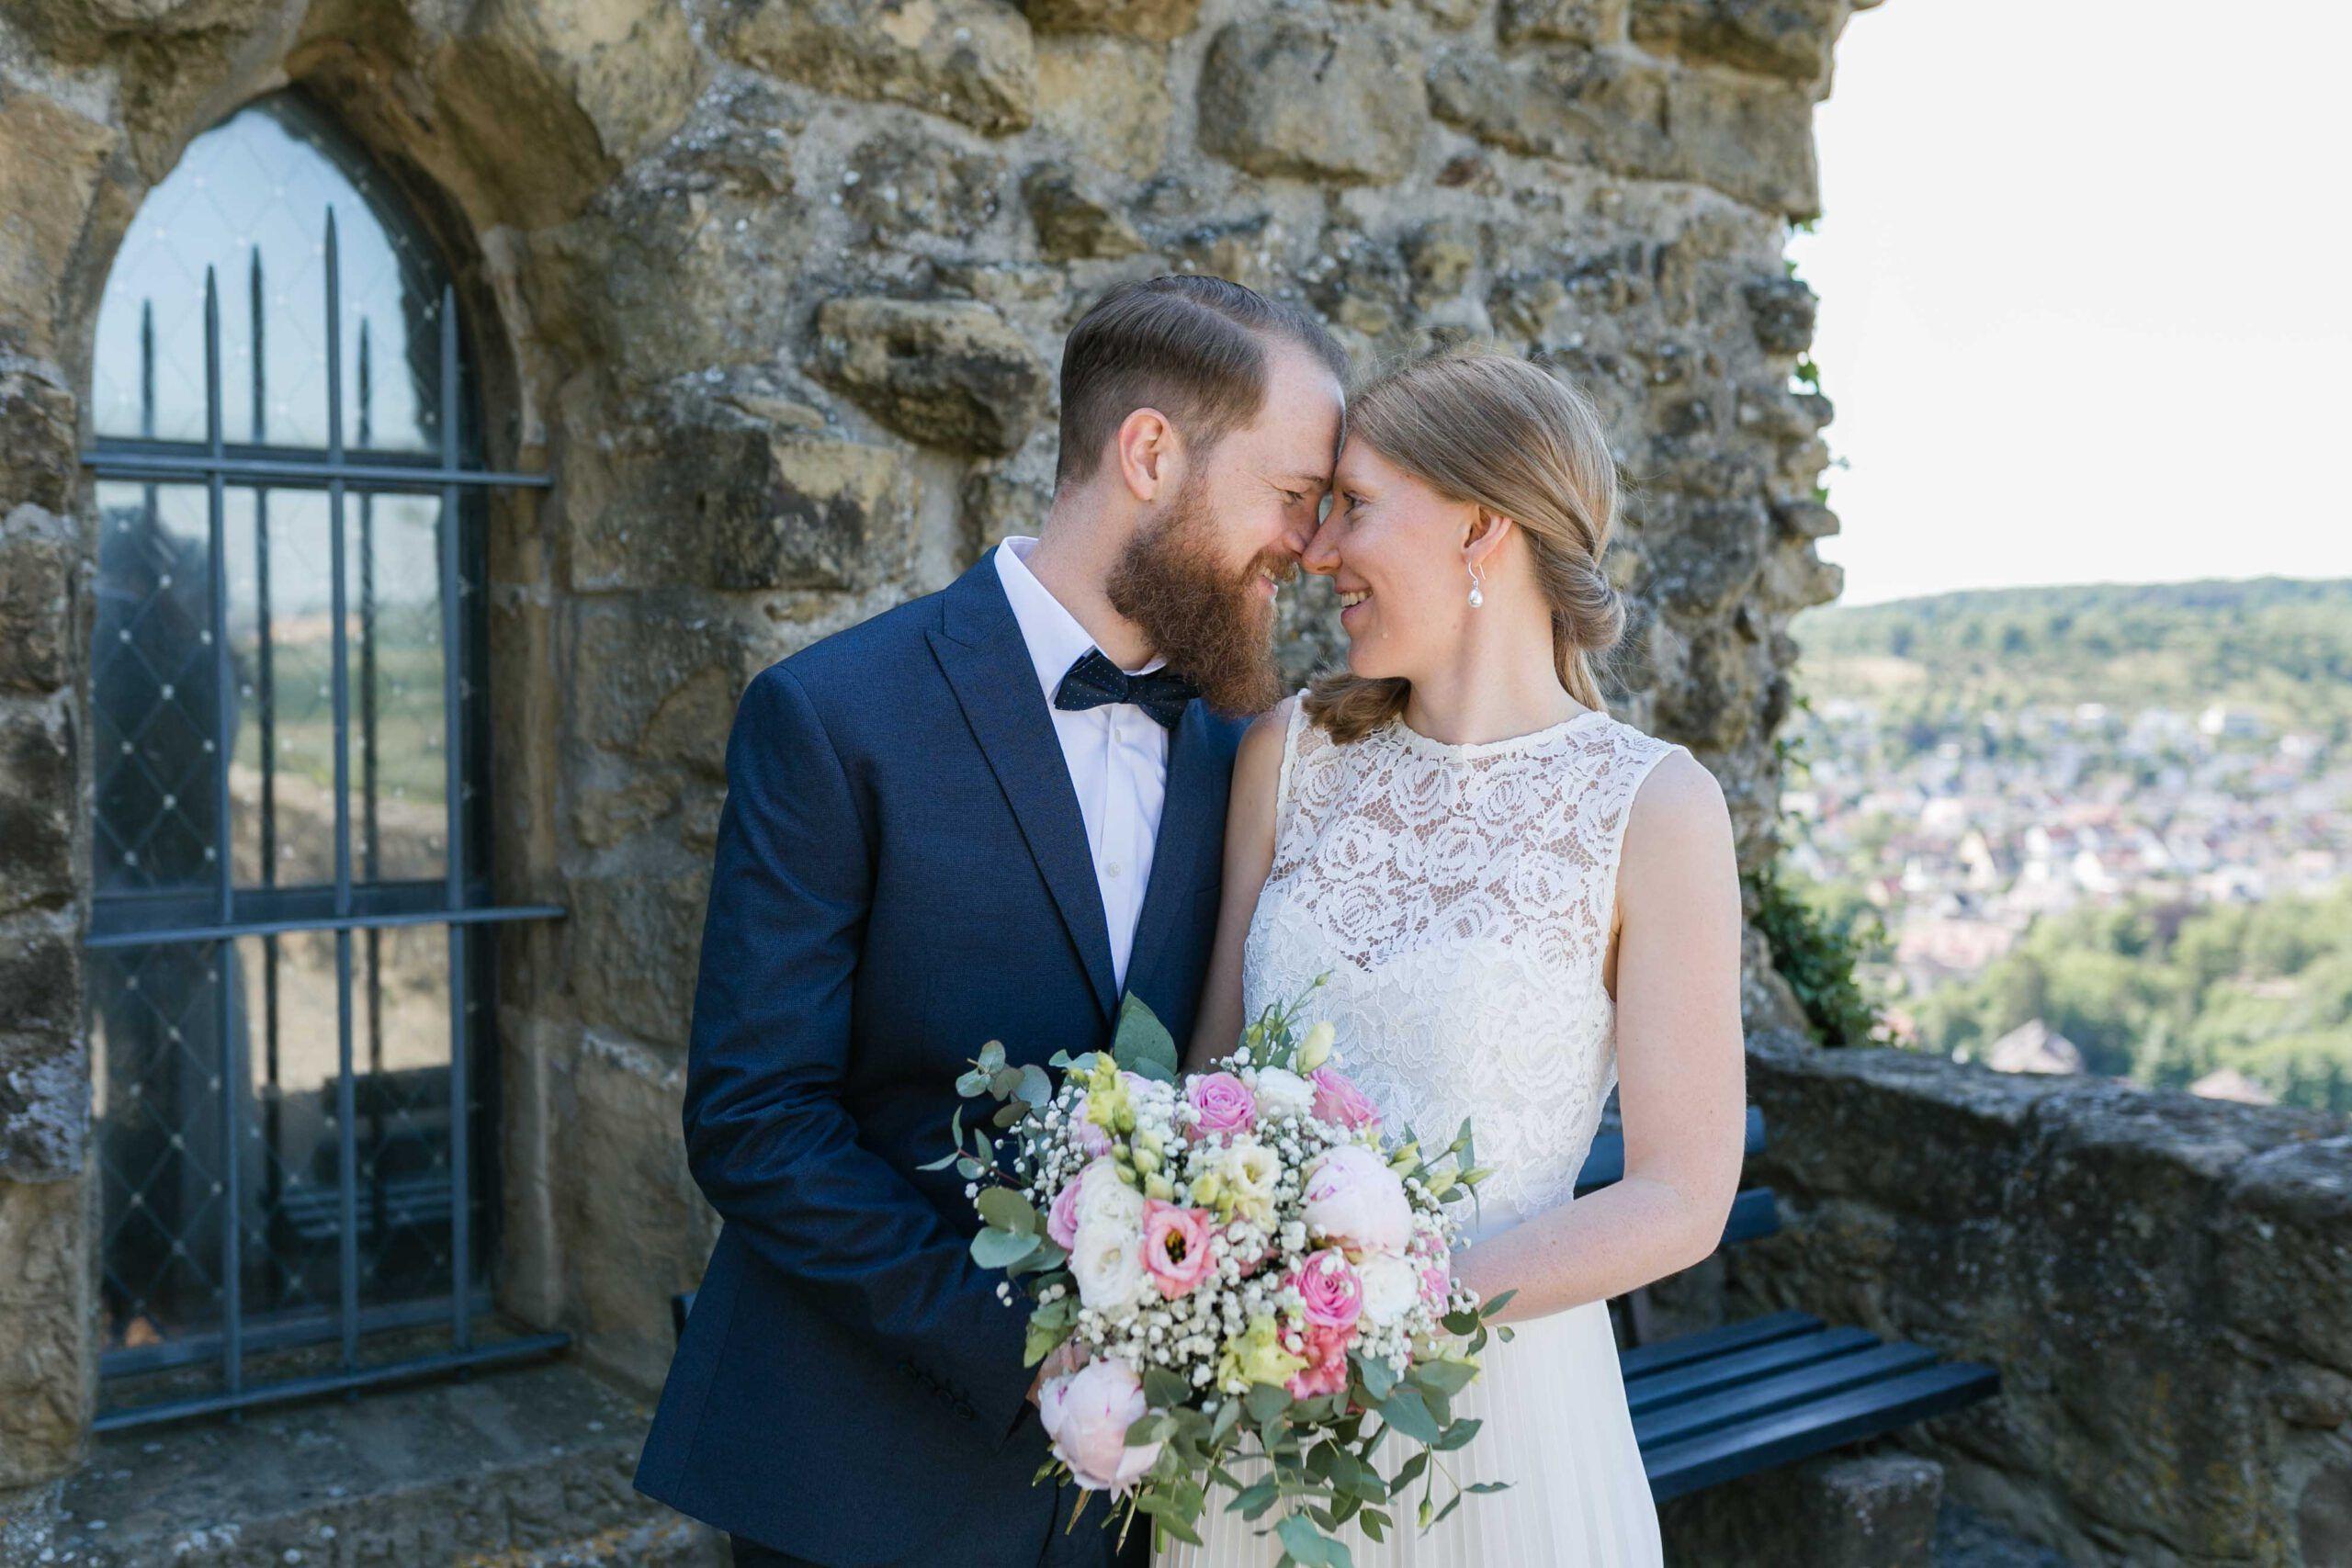 Lisa & Benny | Heiraten in Zeiten von Corona